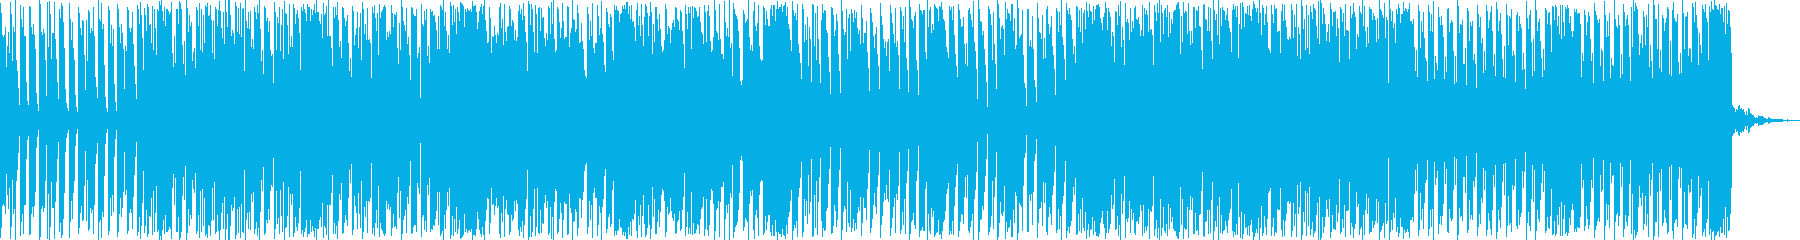 軽快で力強いリズムが印象的なポップスの再生済みの波形